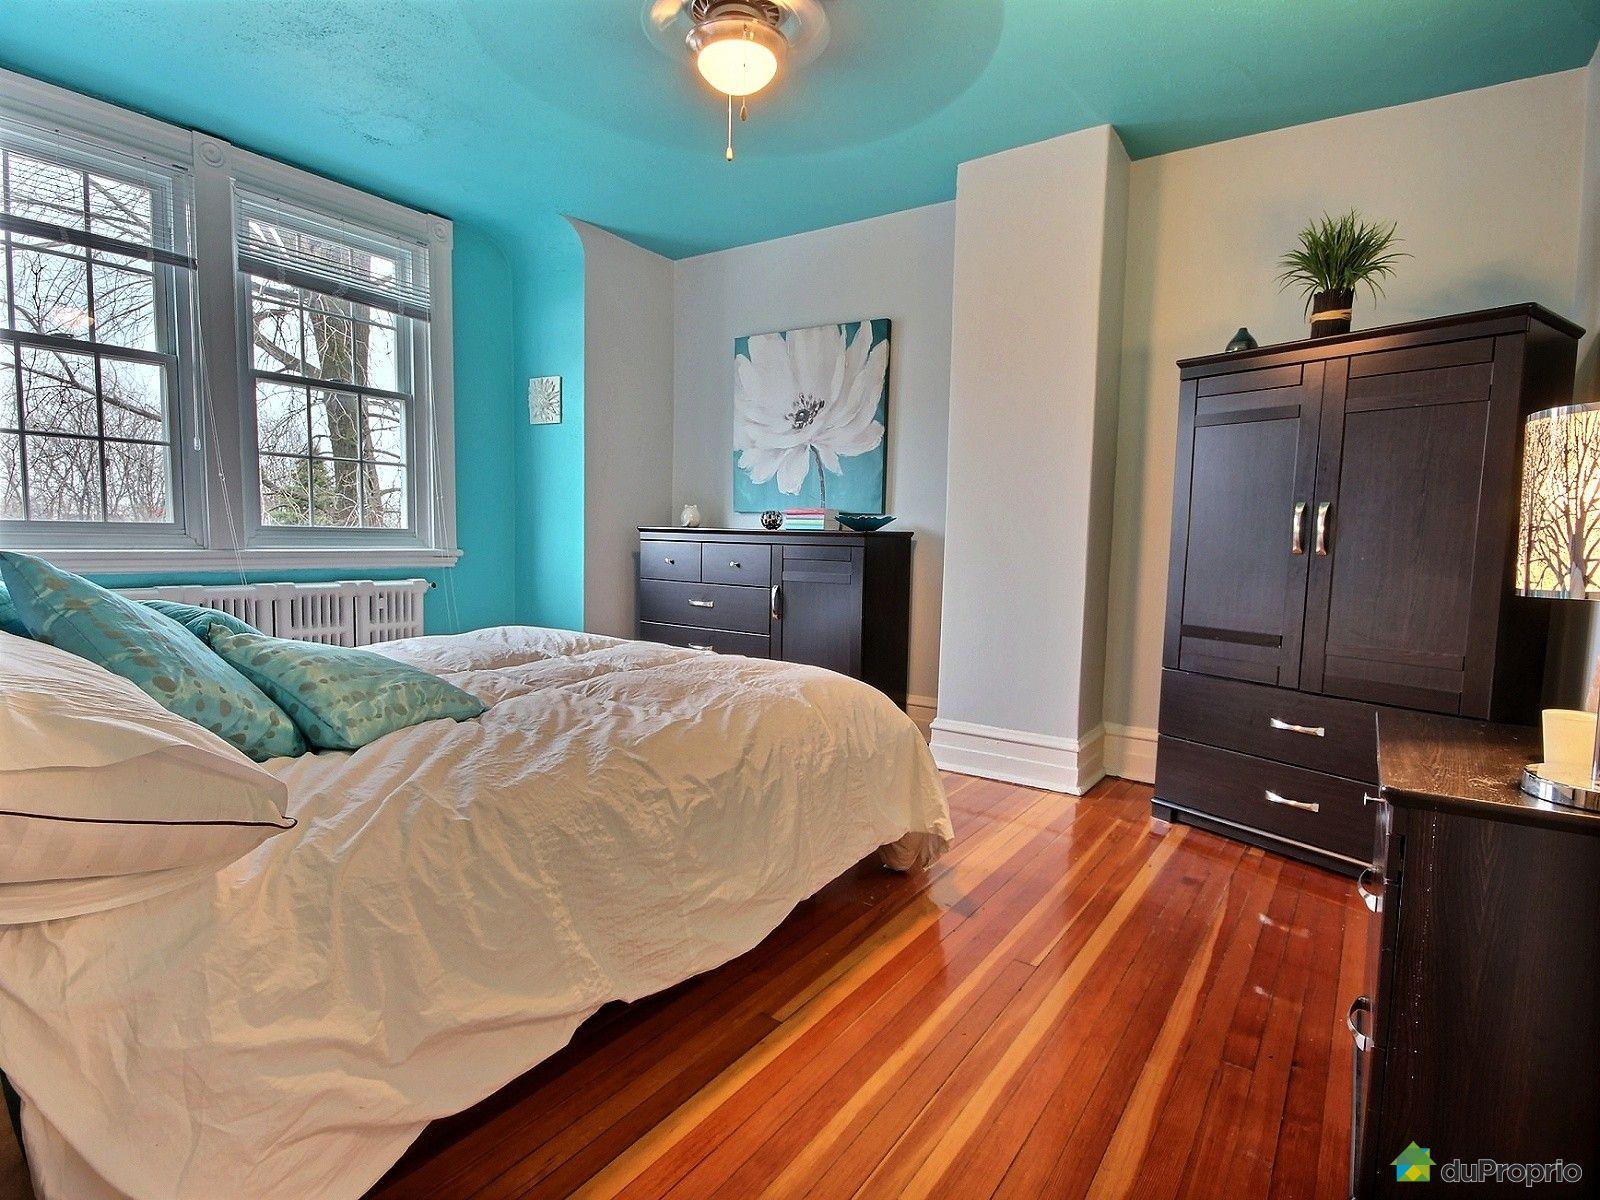 comment ranger sa chambre en anglais - 28 images - indogate com ...